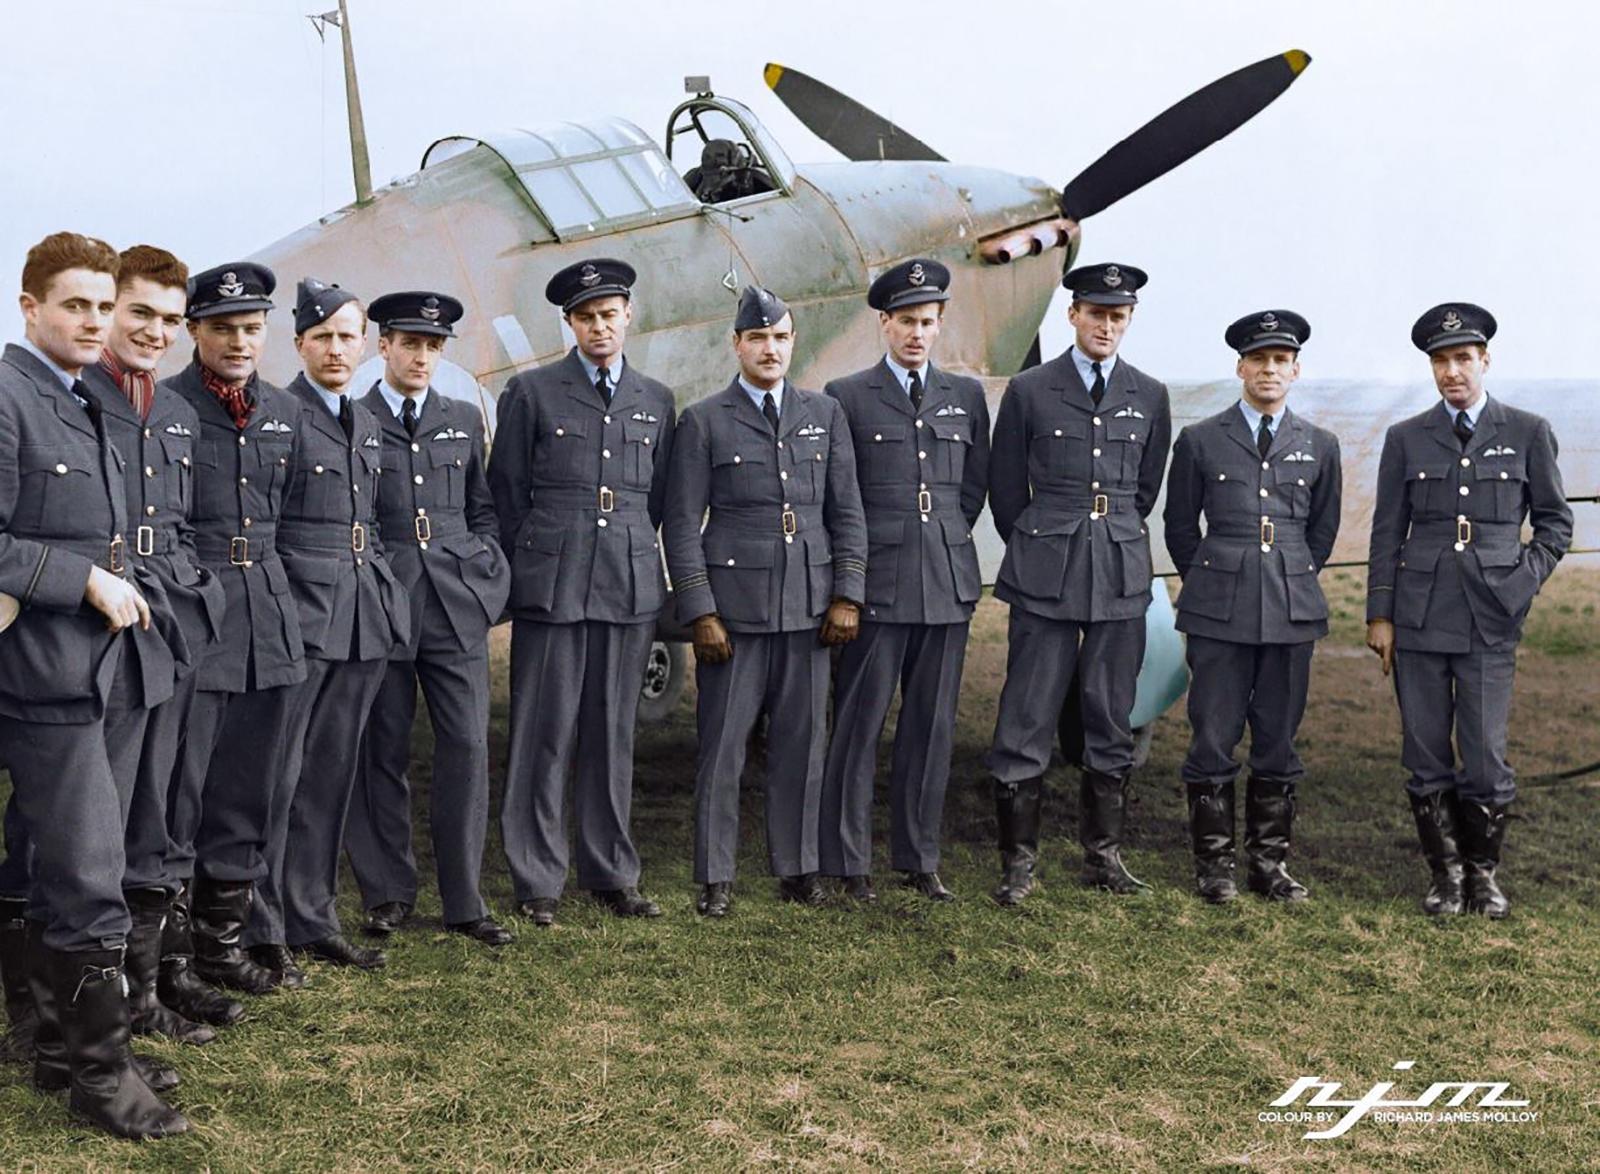 Aircrew RAF 1Sqn pilots at Prestwick Scotland 01